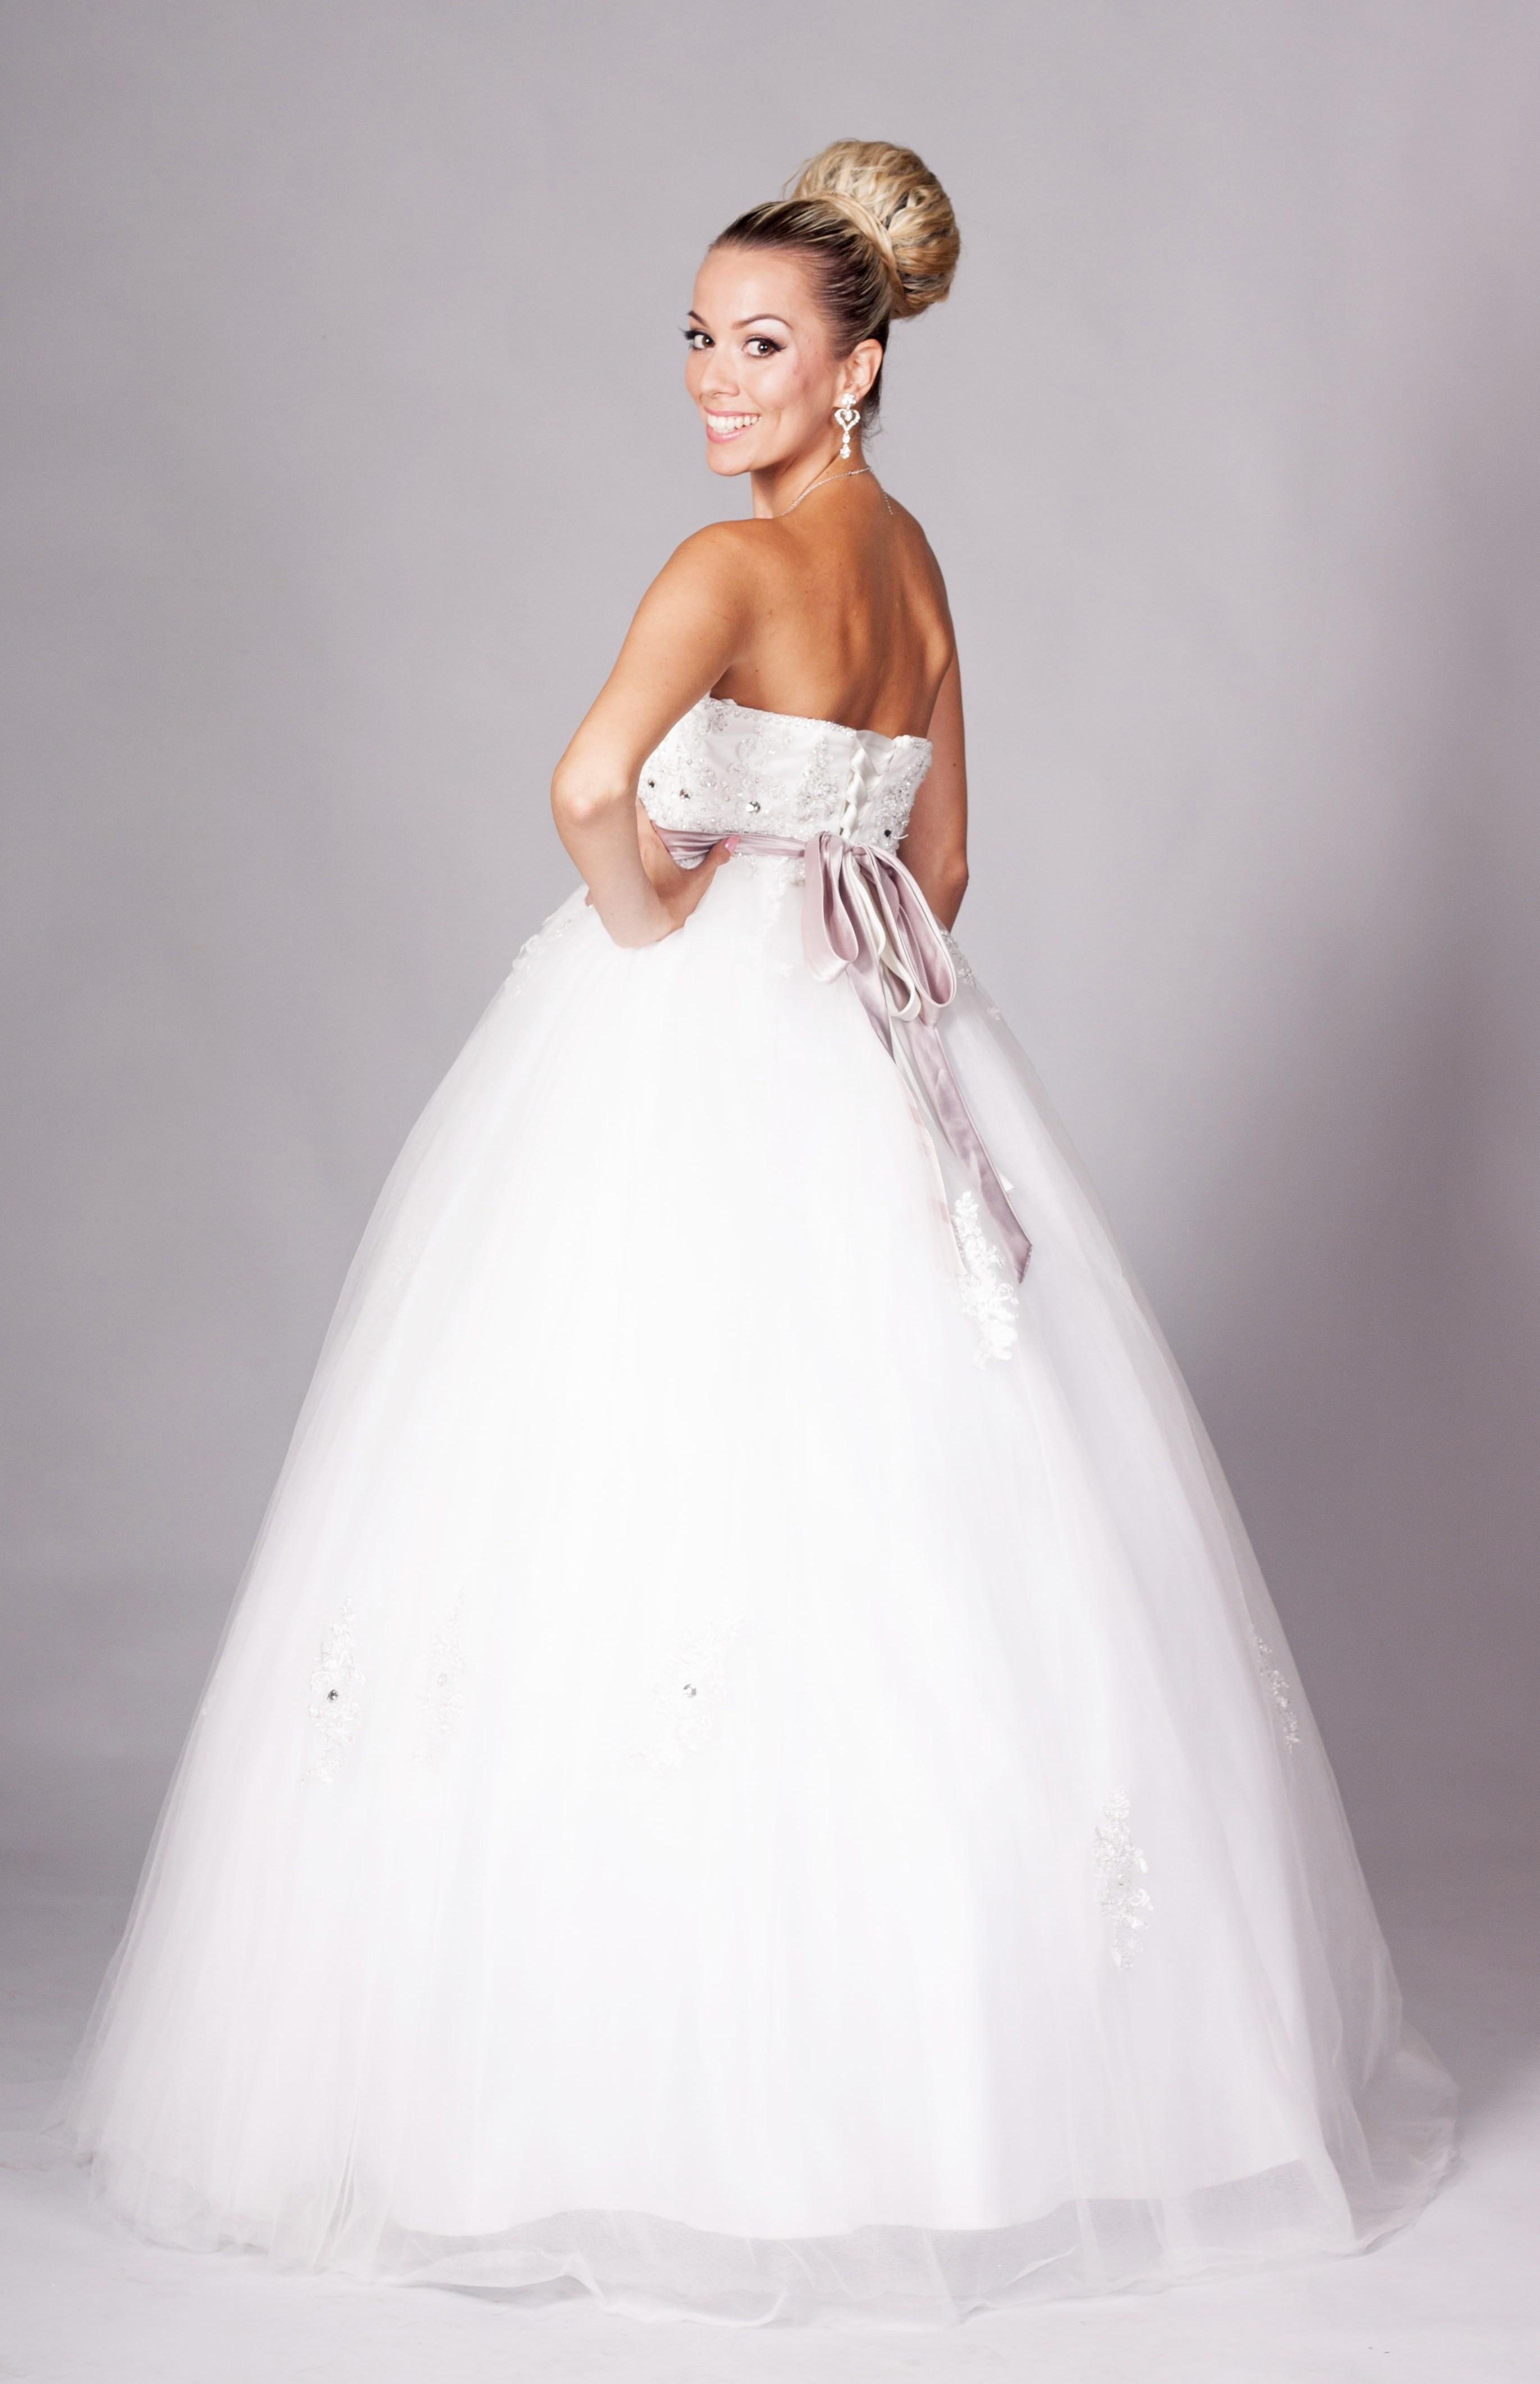 9440efa8a026 02) VIVIAN - 235 € 135 €. Luxus a elegancia – tieto prvky charakterizujú  prekrásne saténové svadobné šaty ...